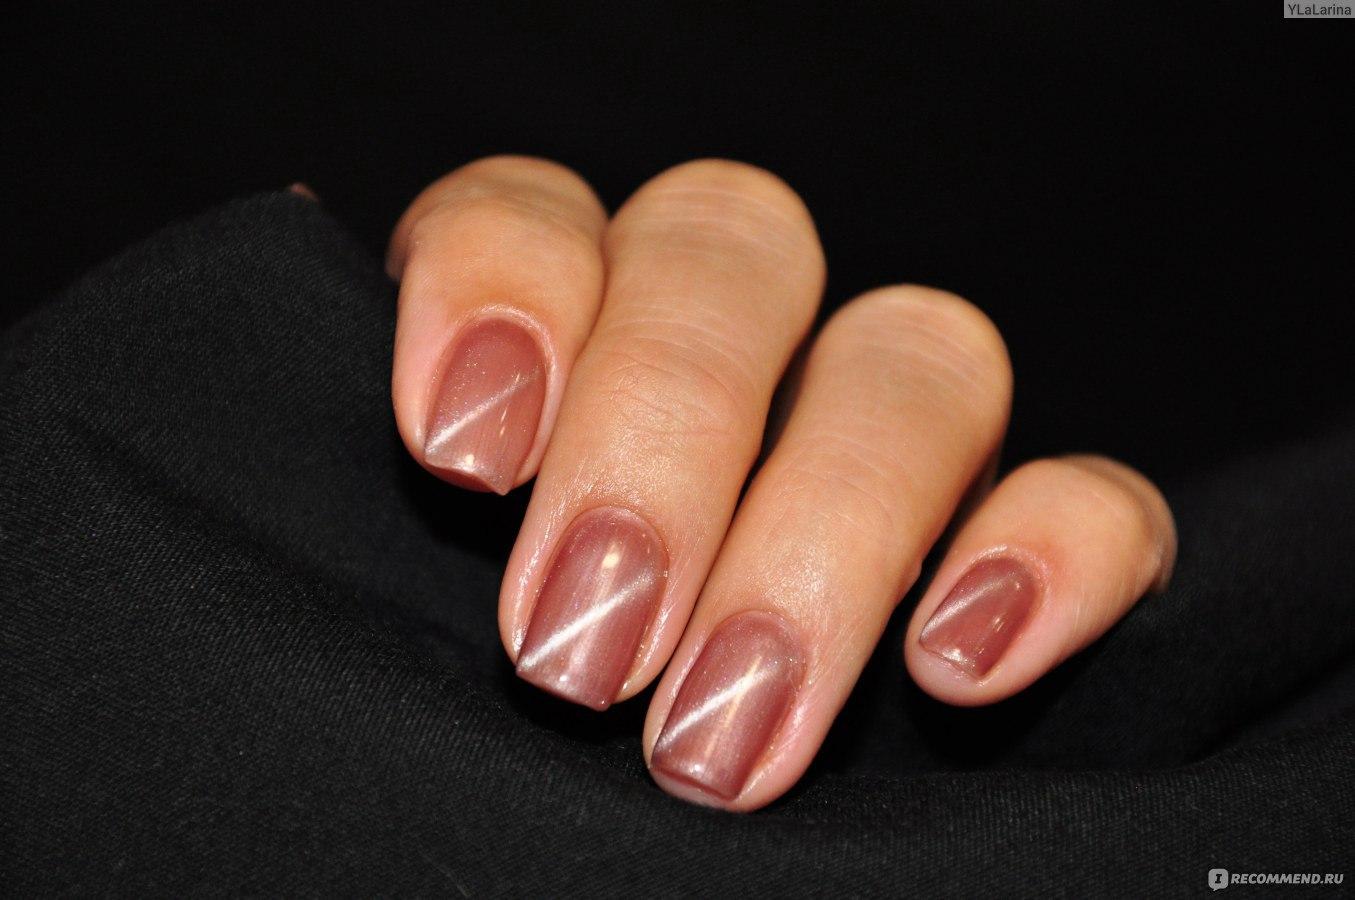 Фото с ногтей с конфитюром